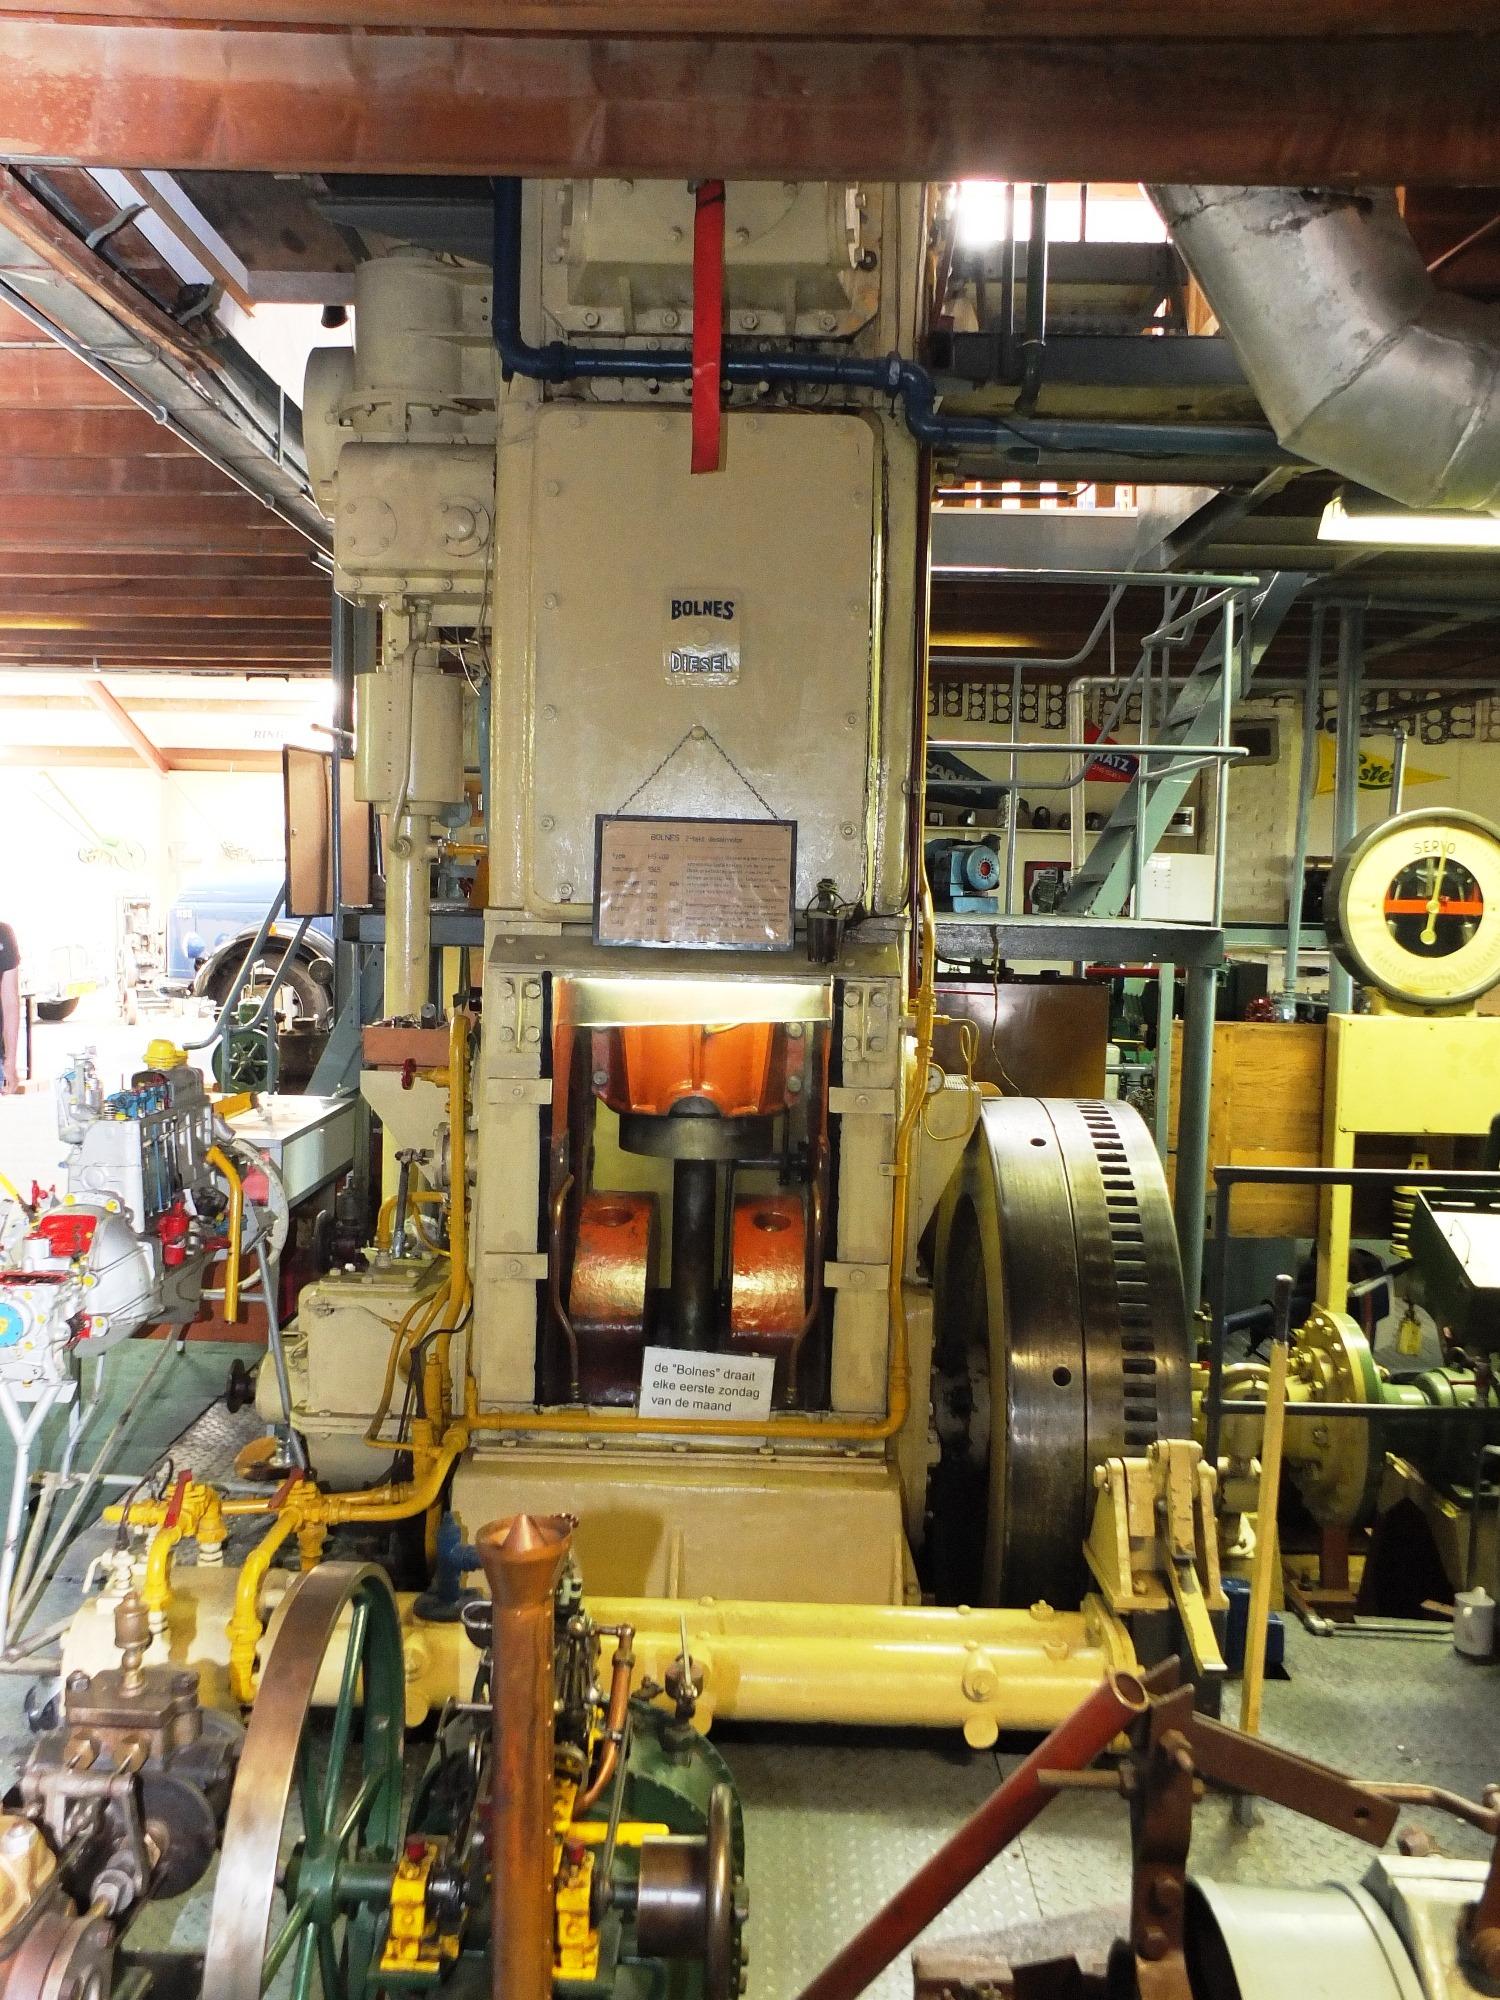 Het museum huist van alles, van scheepsmotoren tot oude poppenwagens. (Foto Motorenmuseum)